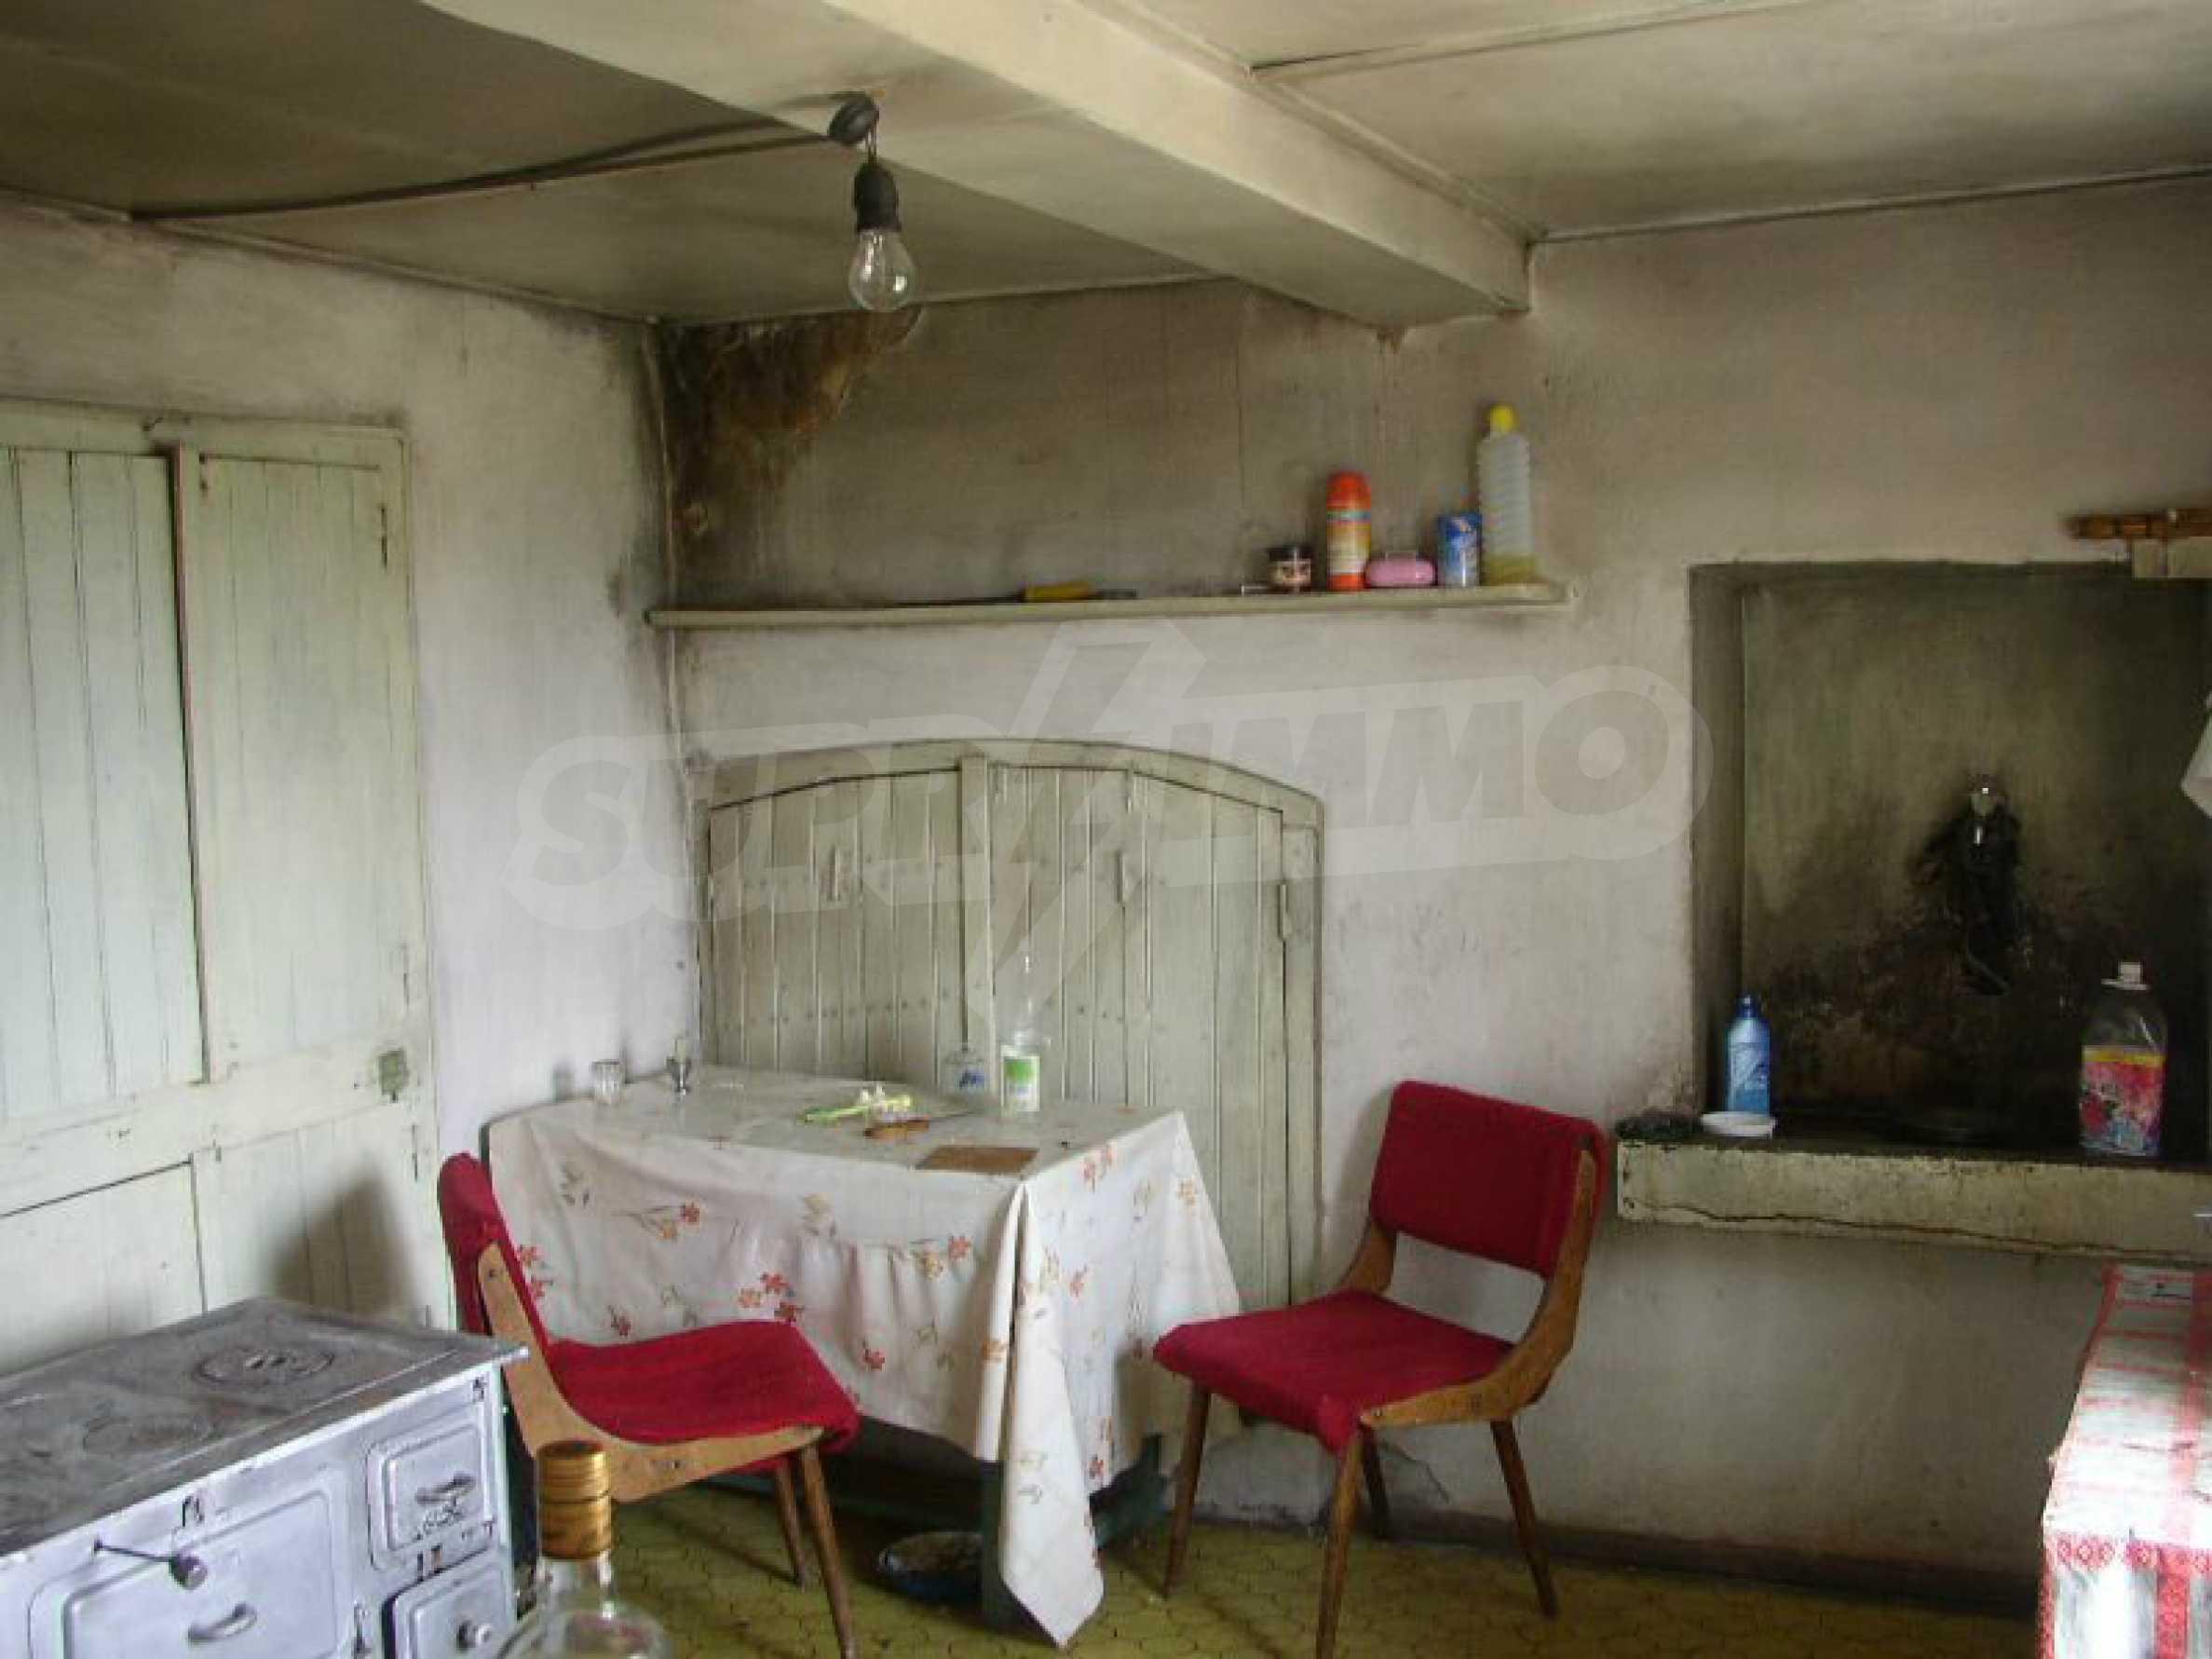 Solides zweistöckiges Haus in ausgezeichnetem Zustand auf dem Dryanovo-Balkan 7